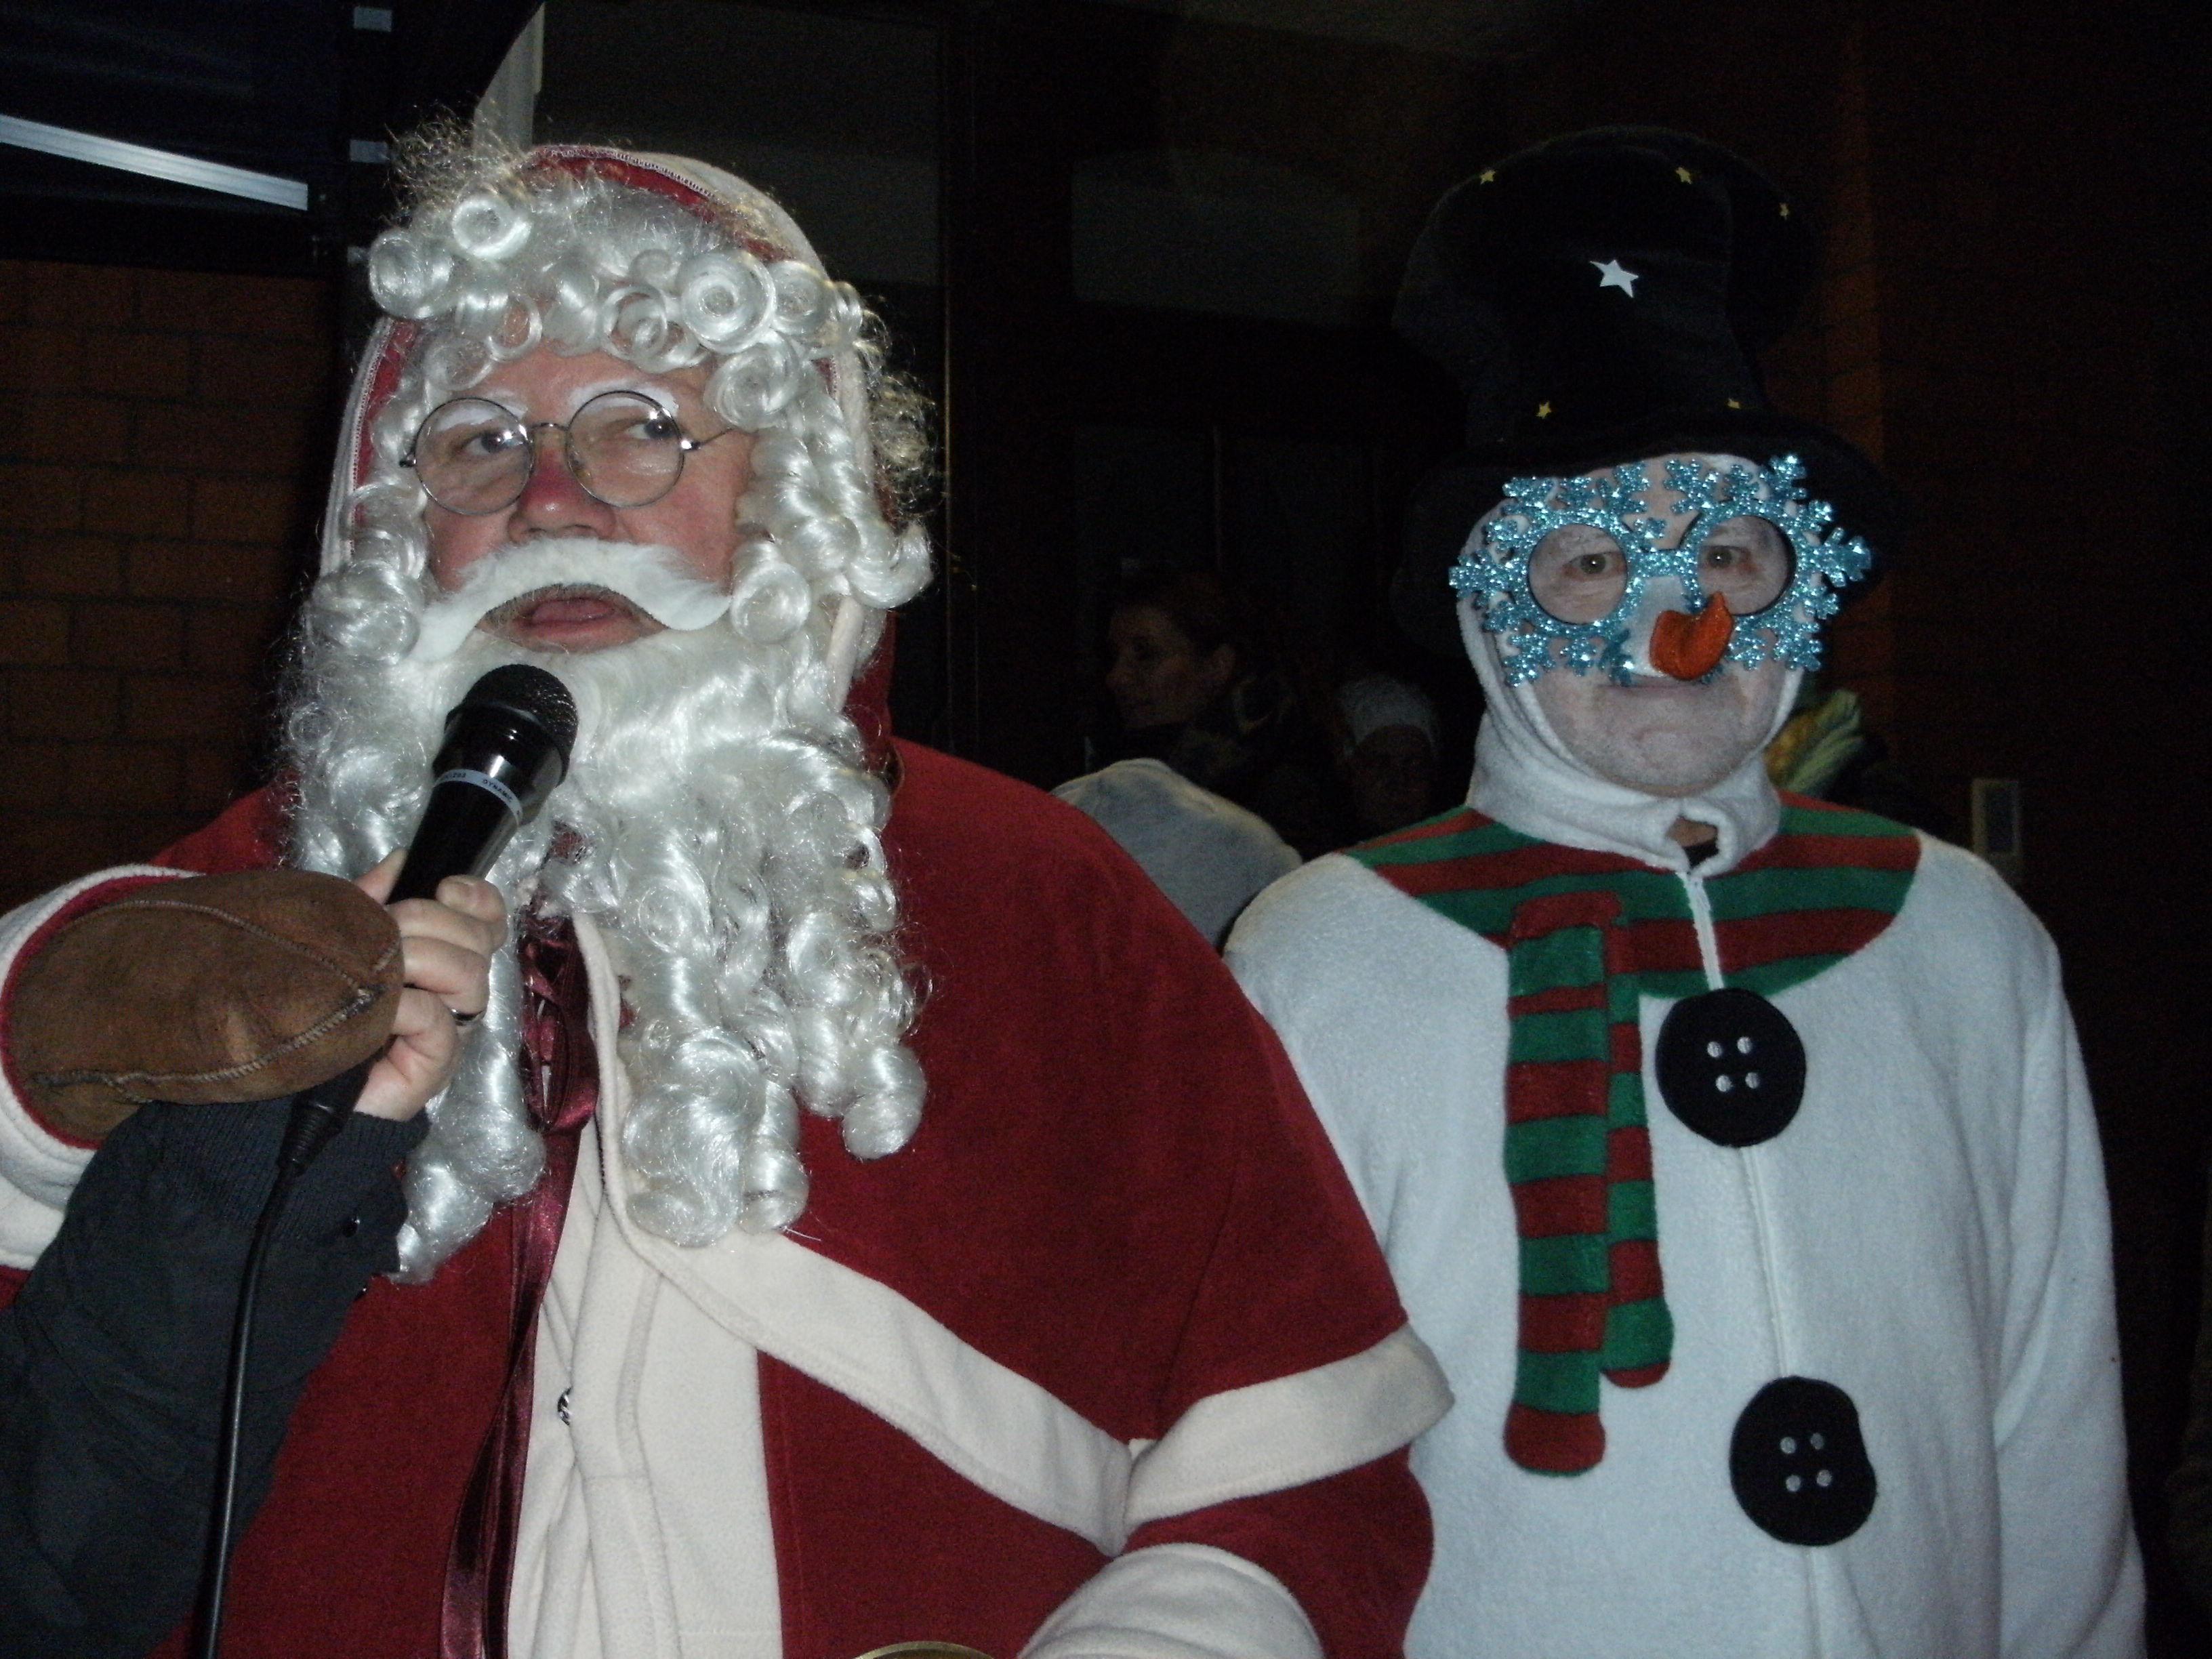 Klettergerüst Spruch : Oh du fröhliche weihnachtszeitu neues klettergerüst für hort